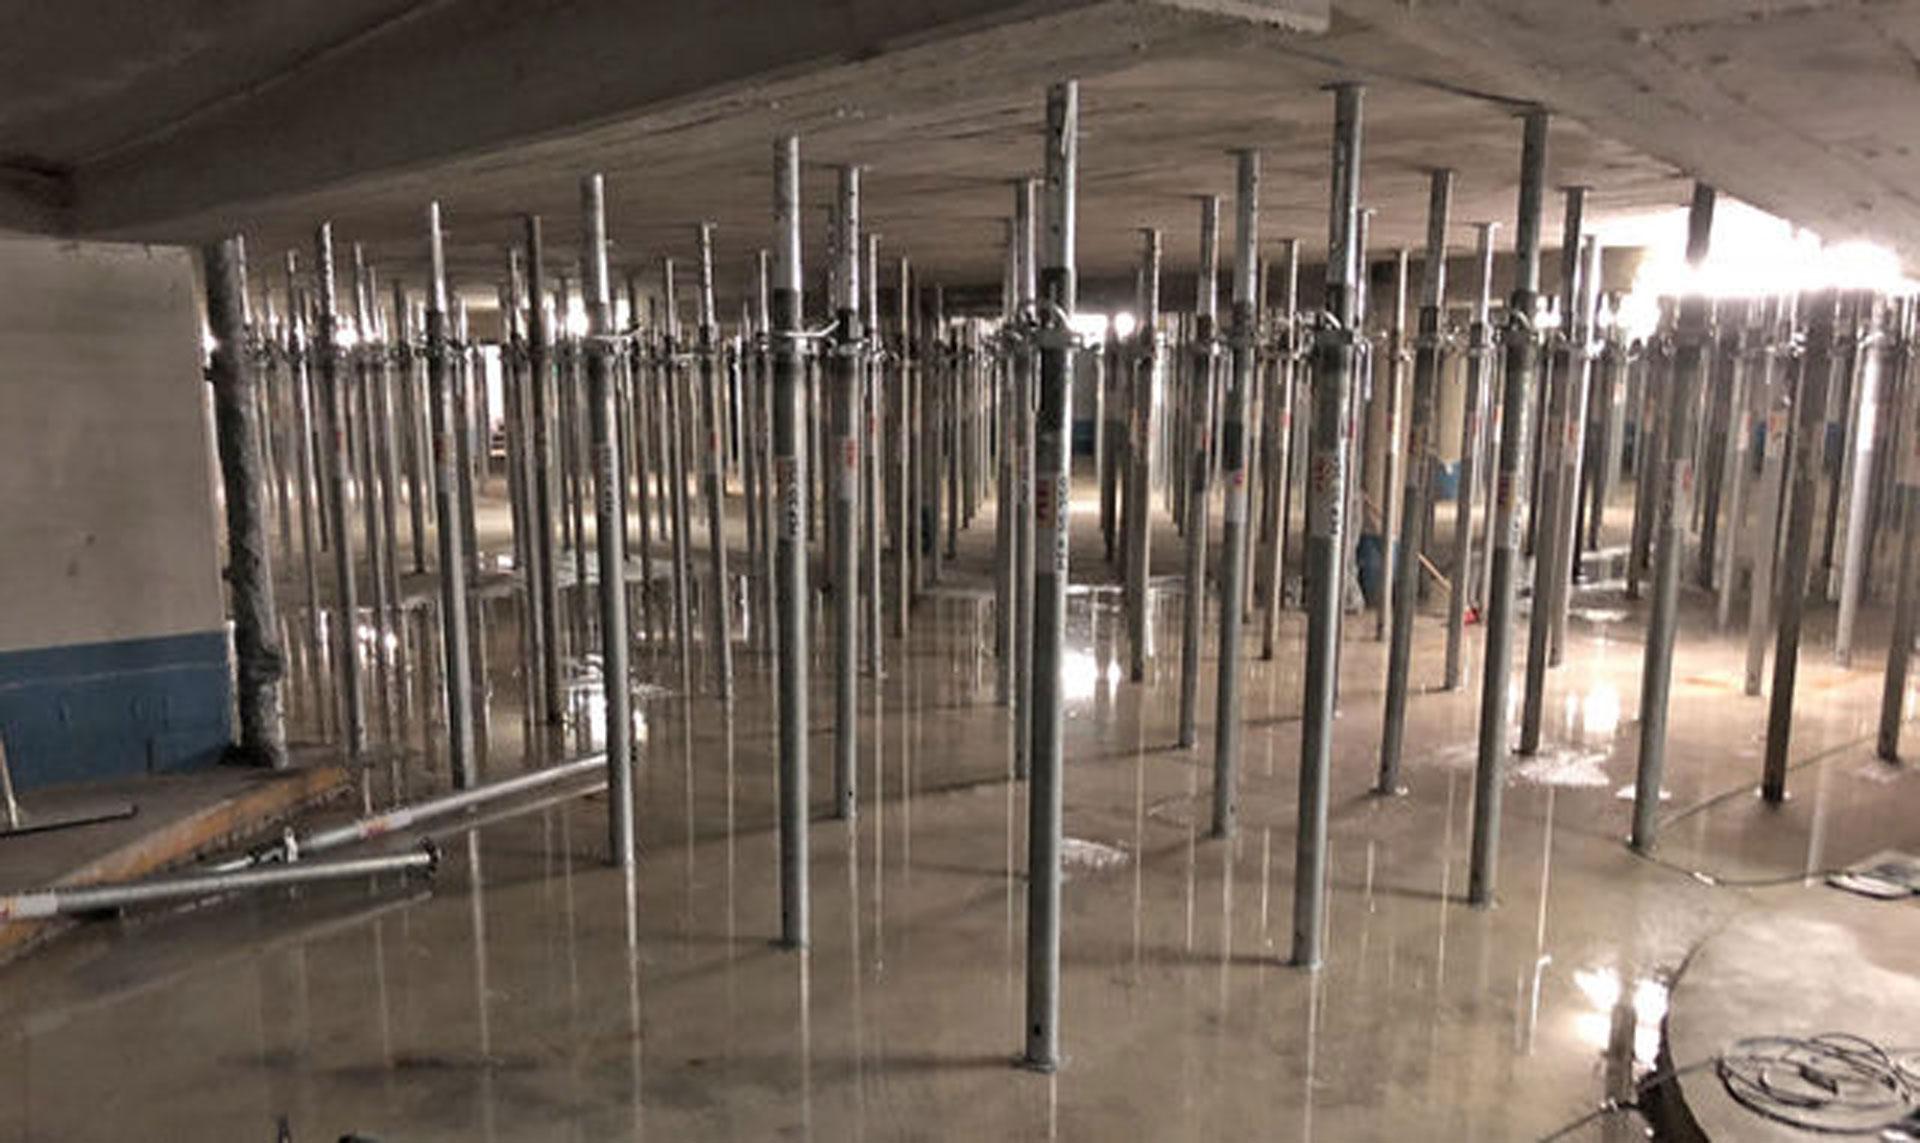 Die Decke musste mit 1.000 Stahlstützen gesichert werden. © Chimcon